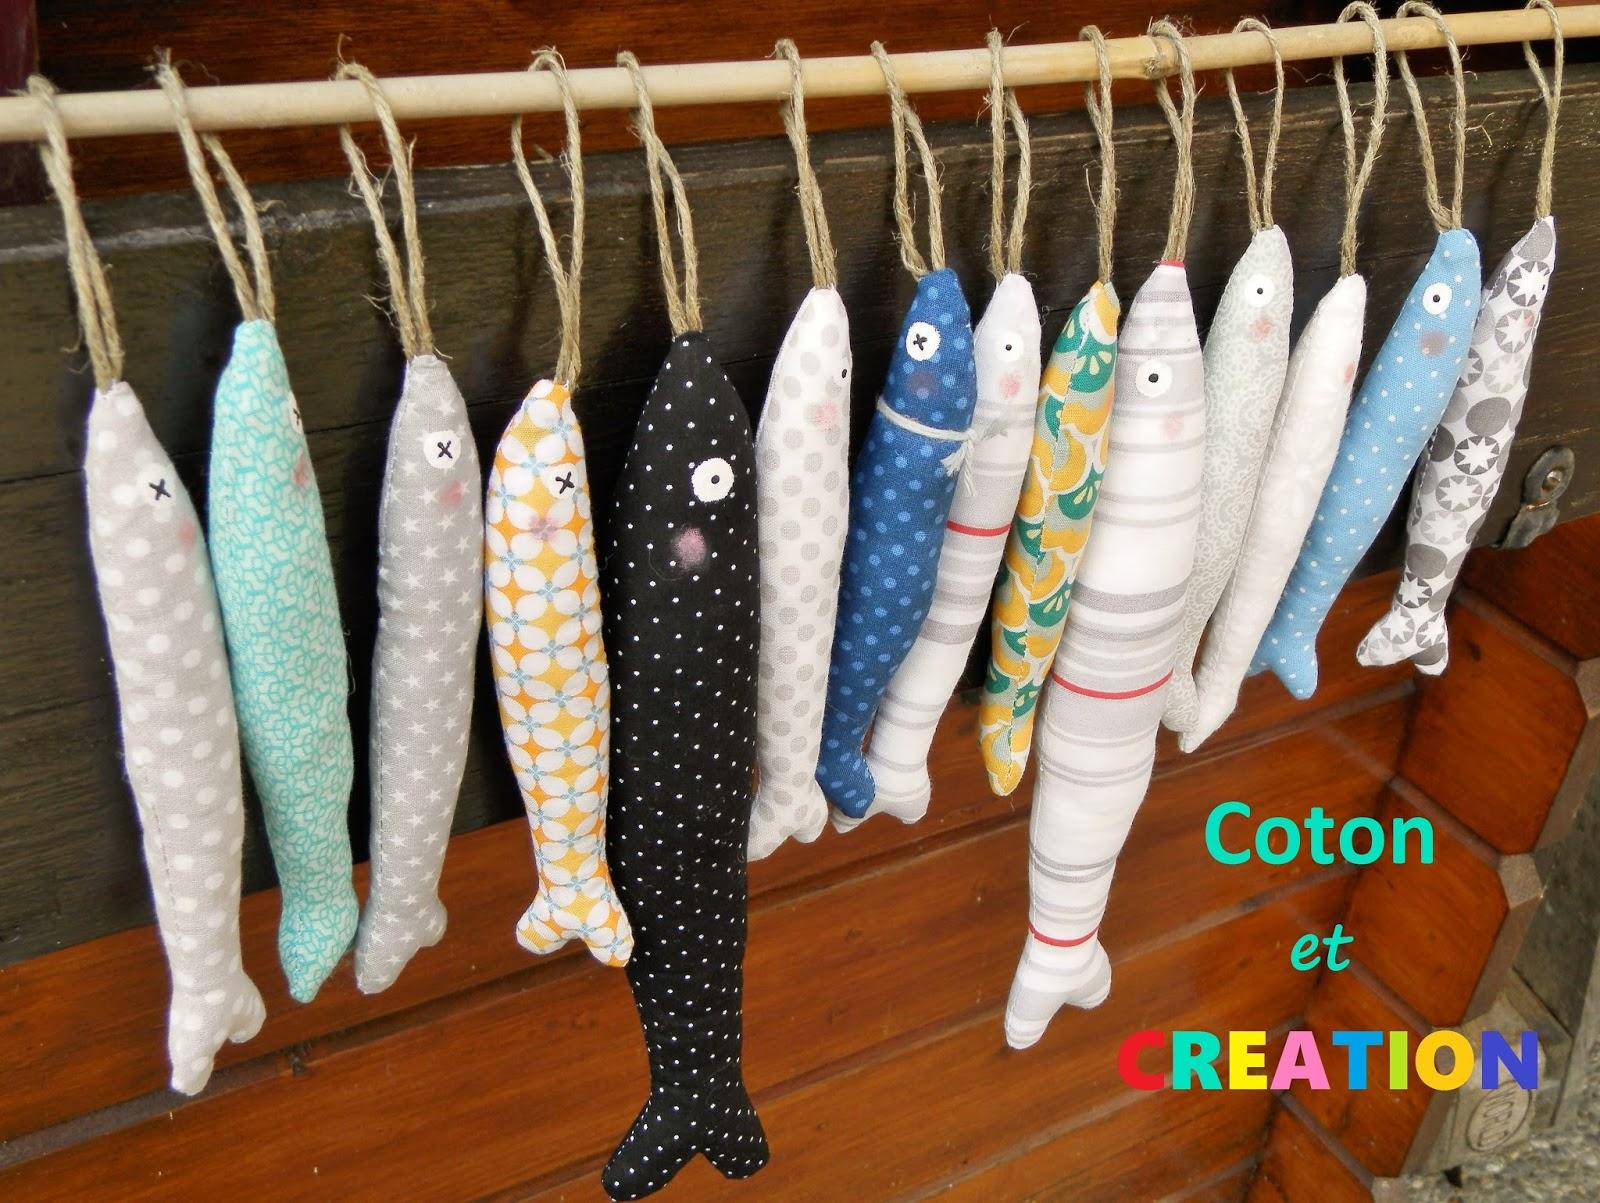 coton et cr ation du fil des aiguilles et des id es poissons sardines en tissu. Black Bedroom Furniture Sets. Home Design Ideas